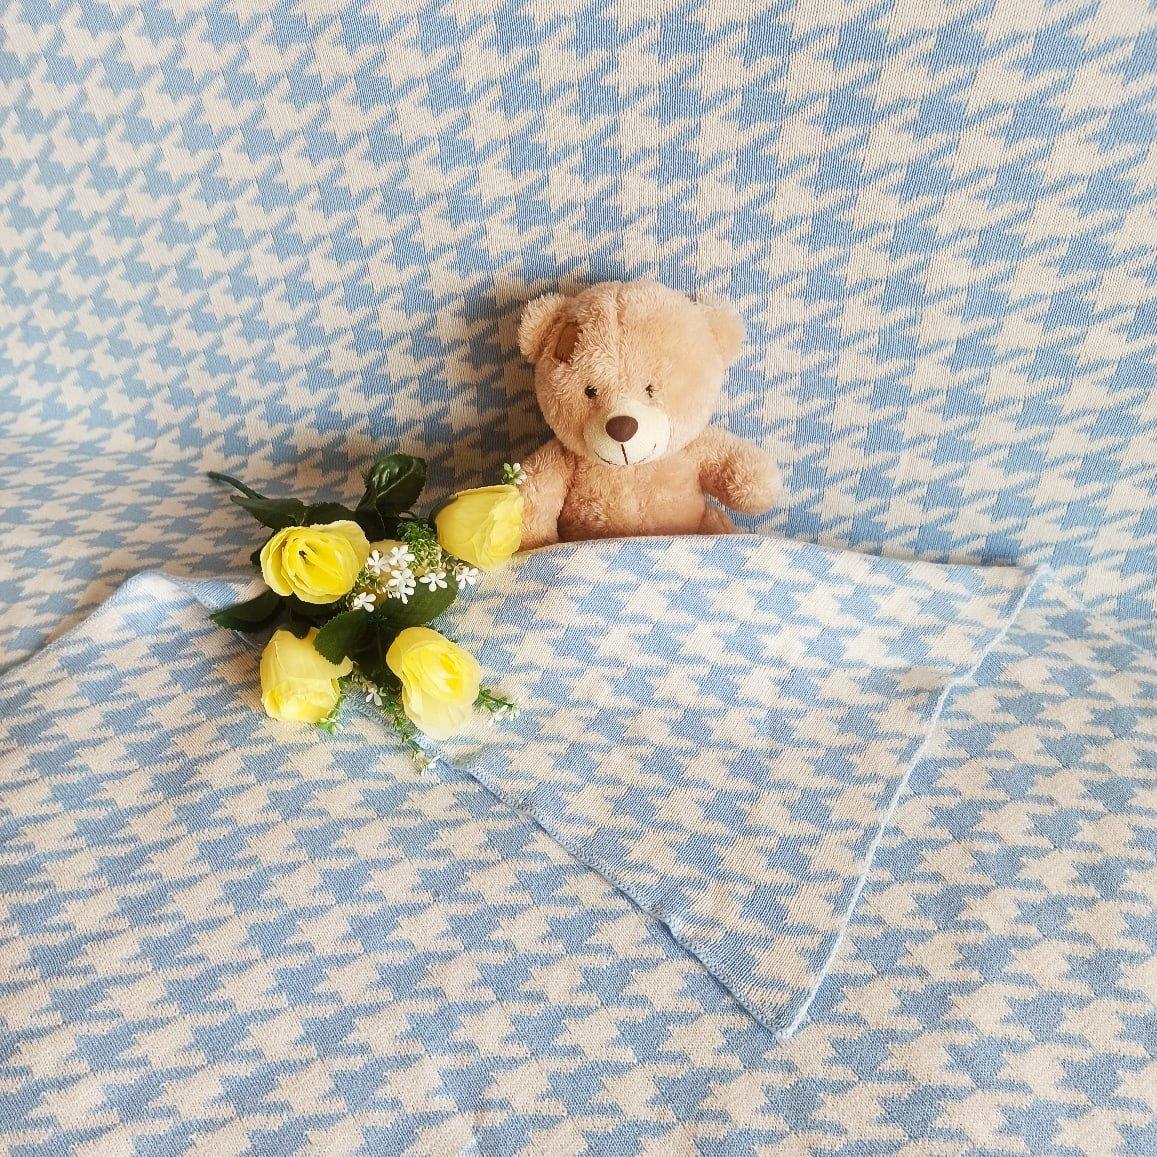 Обзор на хлопковое одеяло с интересным принтом - обзор